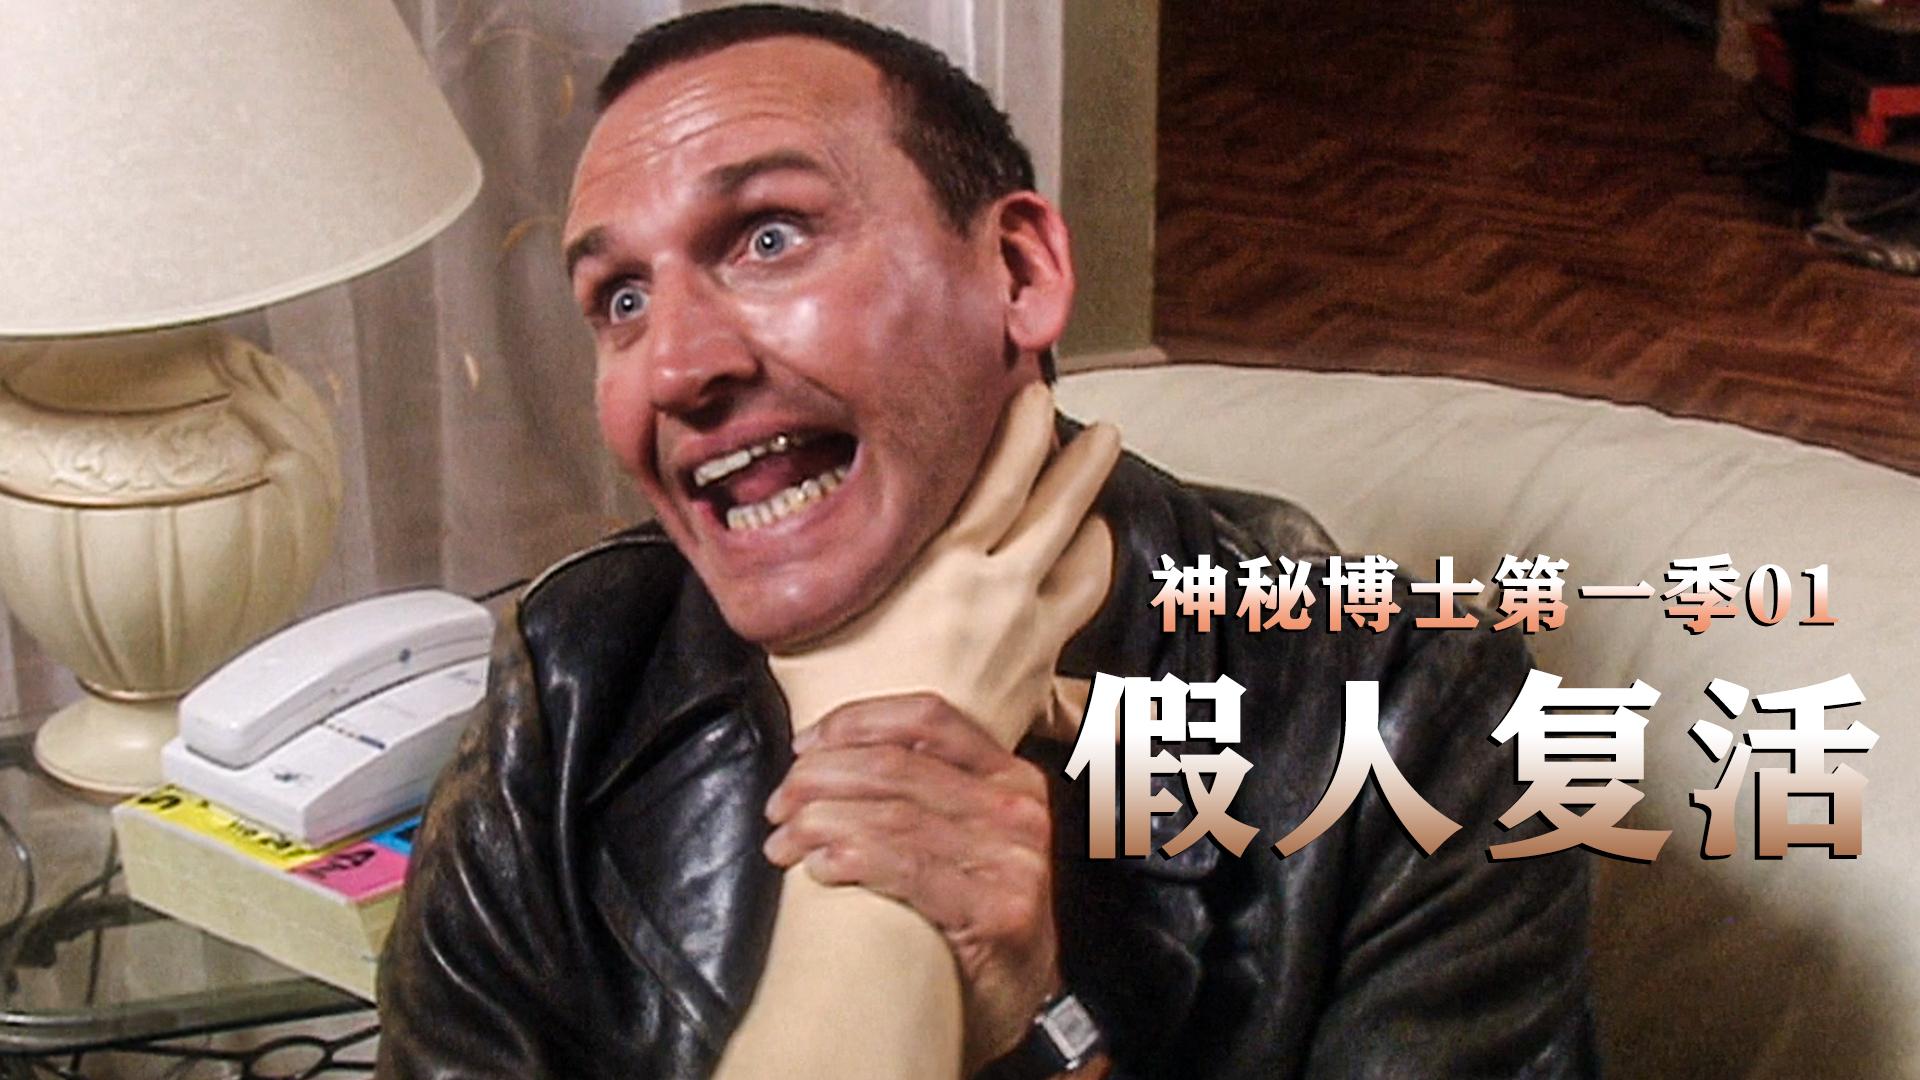 【夏日蕉易战】惊悚假人猎杀人类,龅牙少女偶遇大叔博士,《神秘博士》SE01-01。